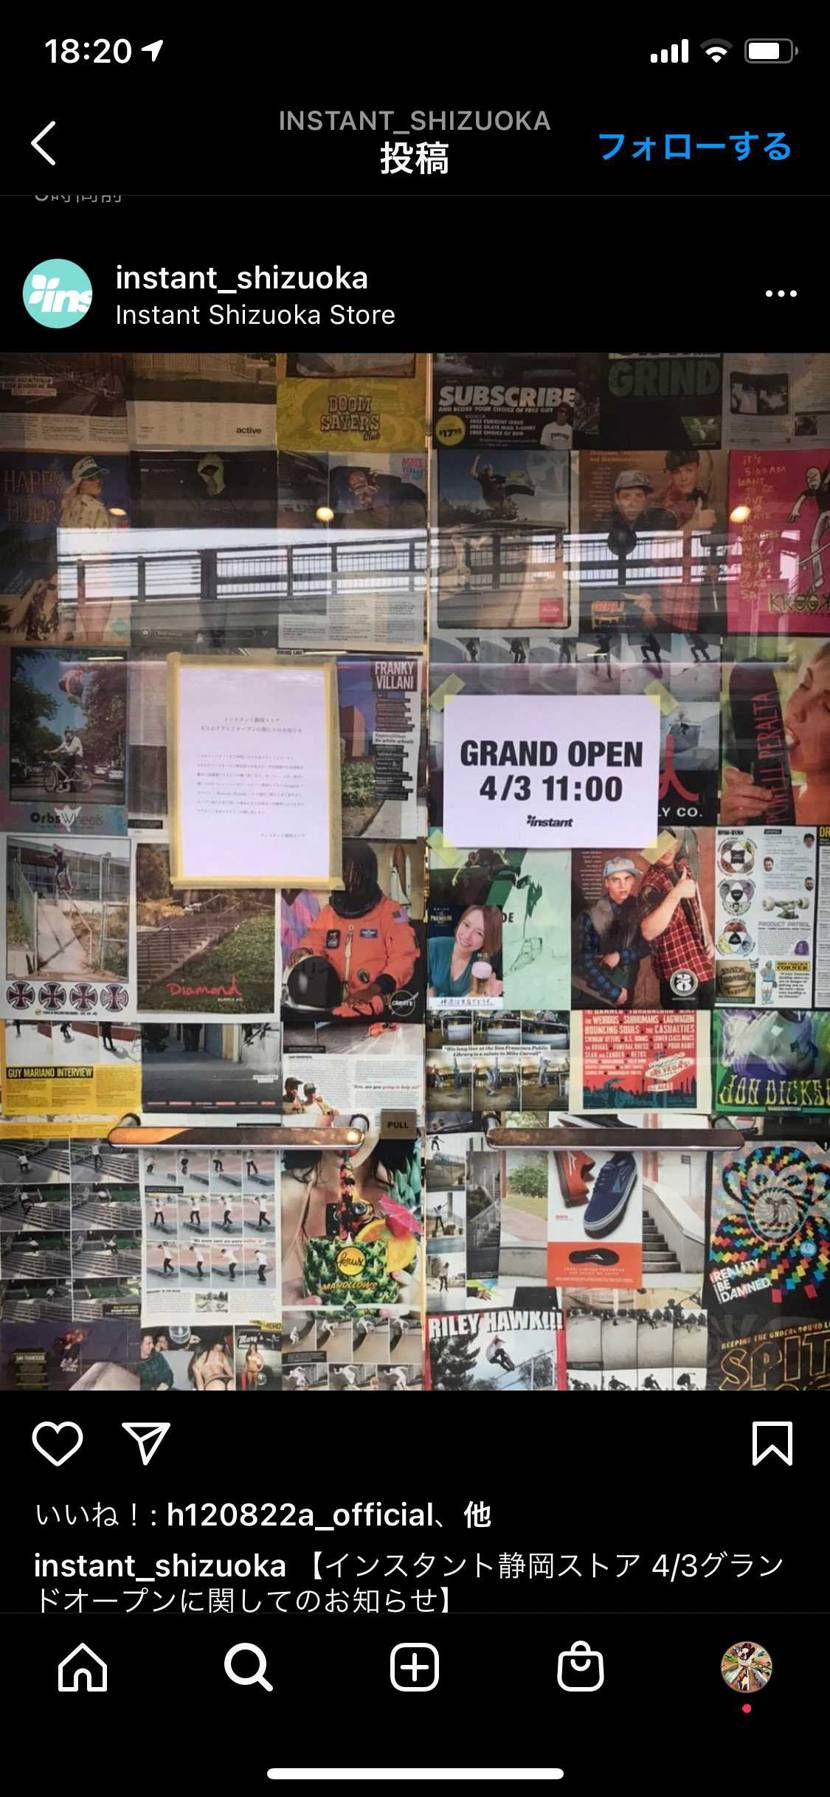 インスタント静岡、明日のグランドオープン当日朝に並び場所発表なんてリストック販売